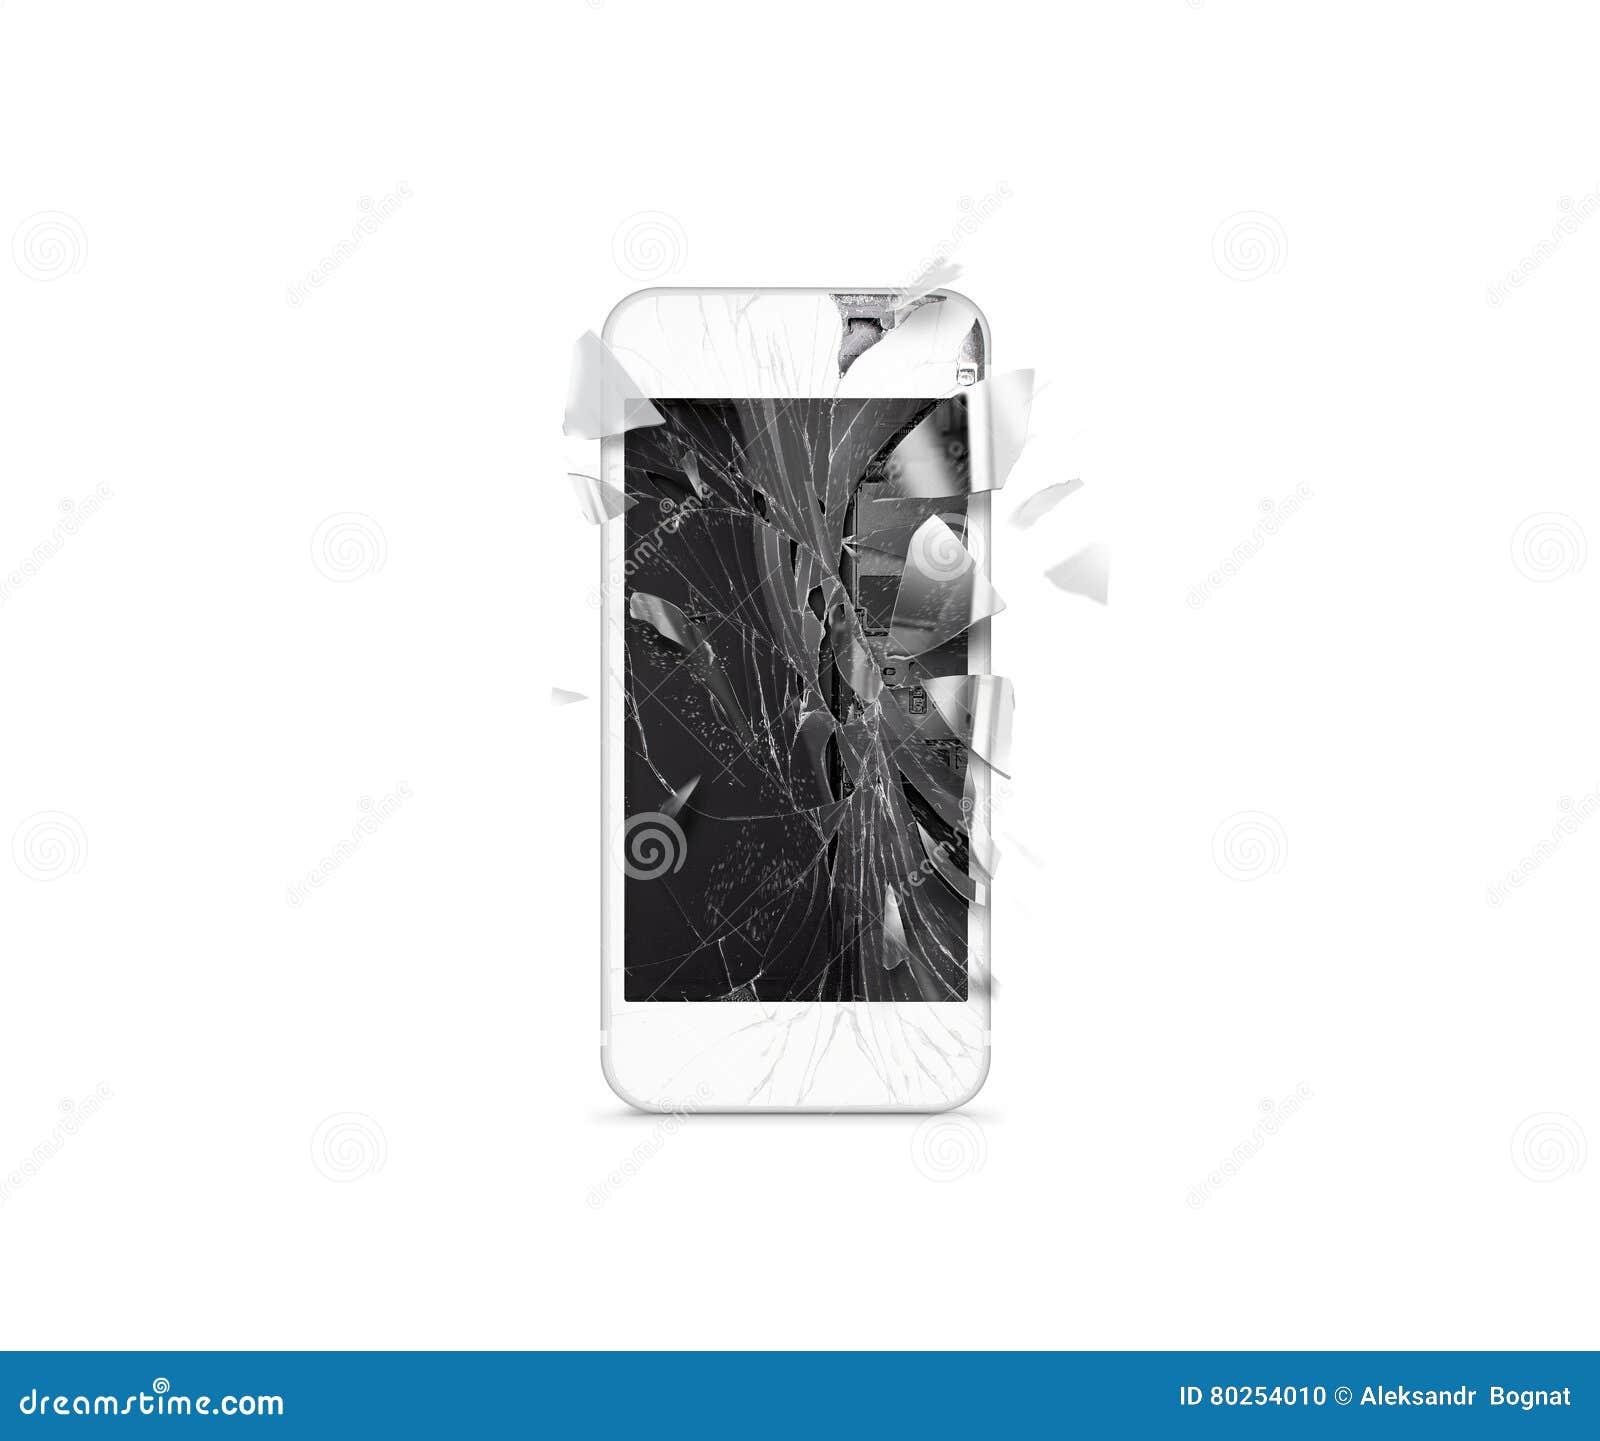 Tela móvel quebrada do telefone celular, estilhaços dispersados, isolados